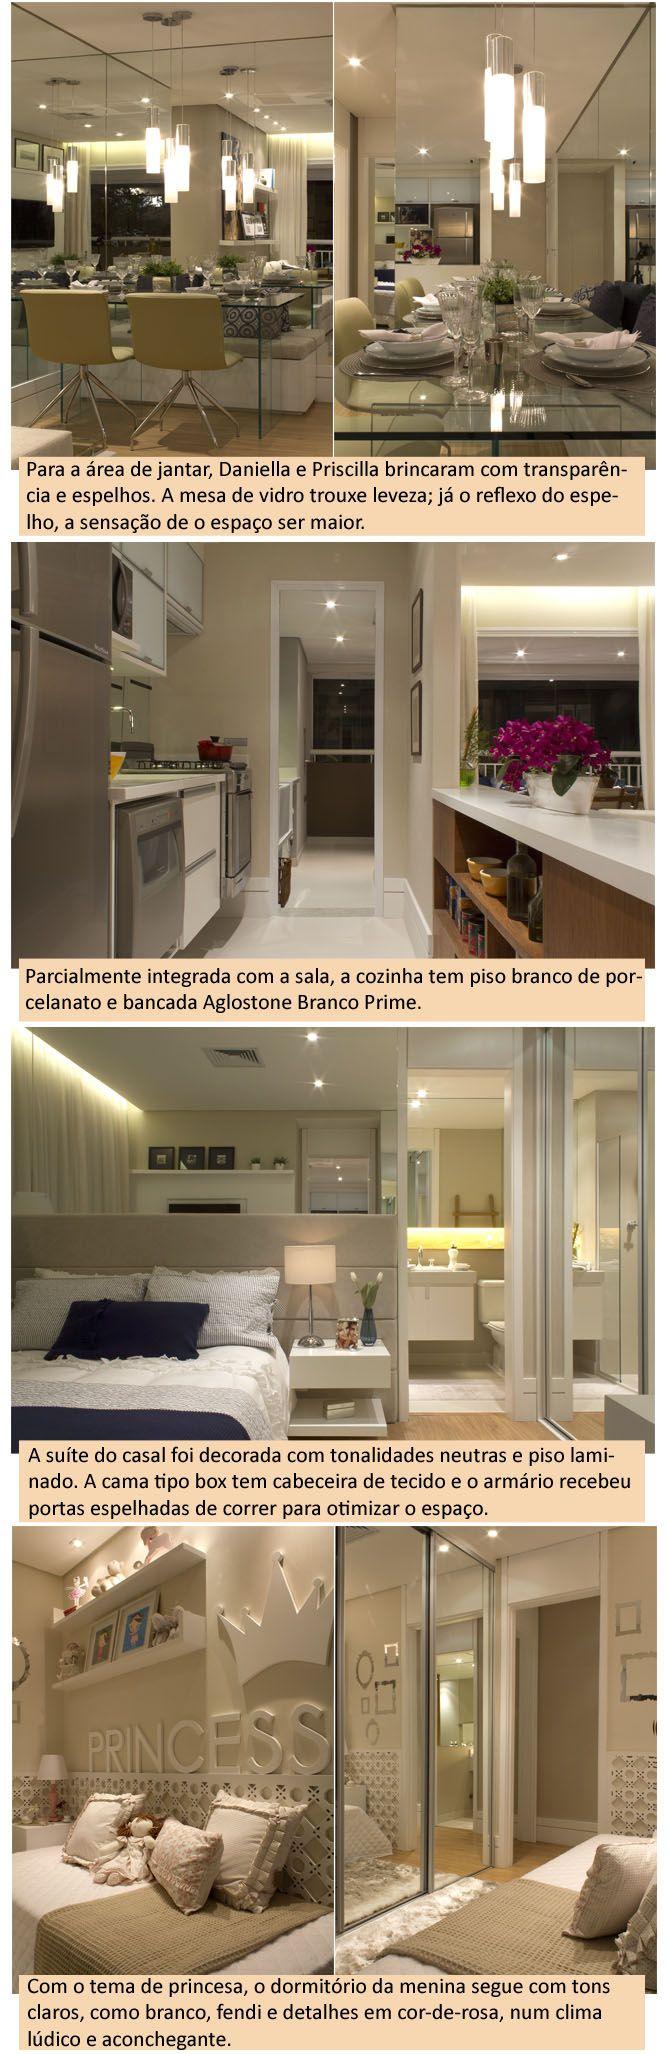 Cercado por vidros e espelhos, este apartamento de 68 m², decorado para um empreendimento imobiliário, é um bom exemplo de que é possível morar com estilo e conforto em pequenos espaços.O projeto …